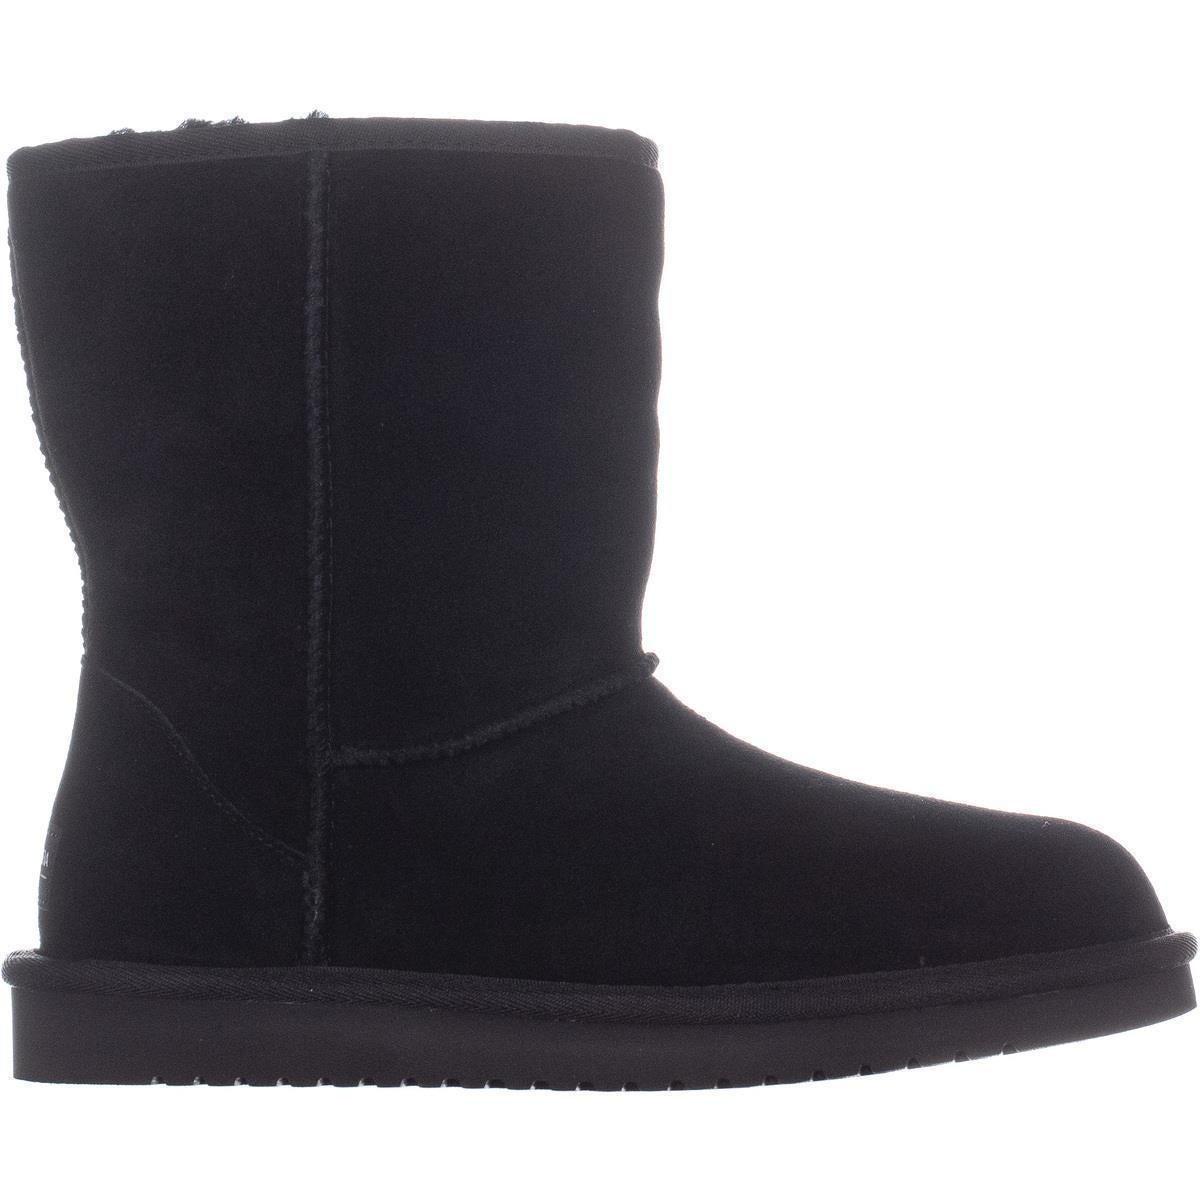 9d8fa94e5b4 Koolaburra by UGG Koola Short Mid Calf Boots, Black